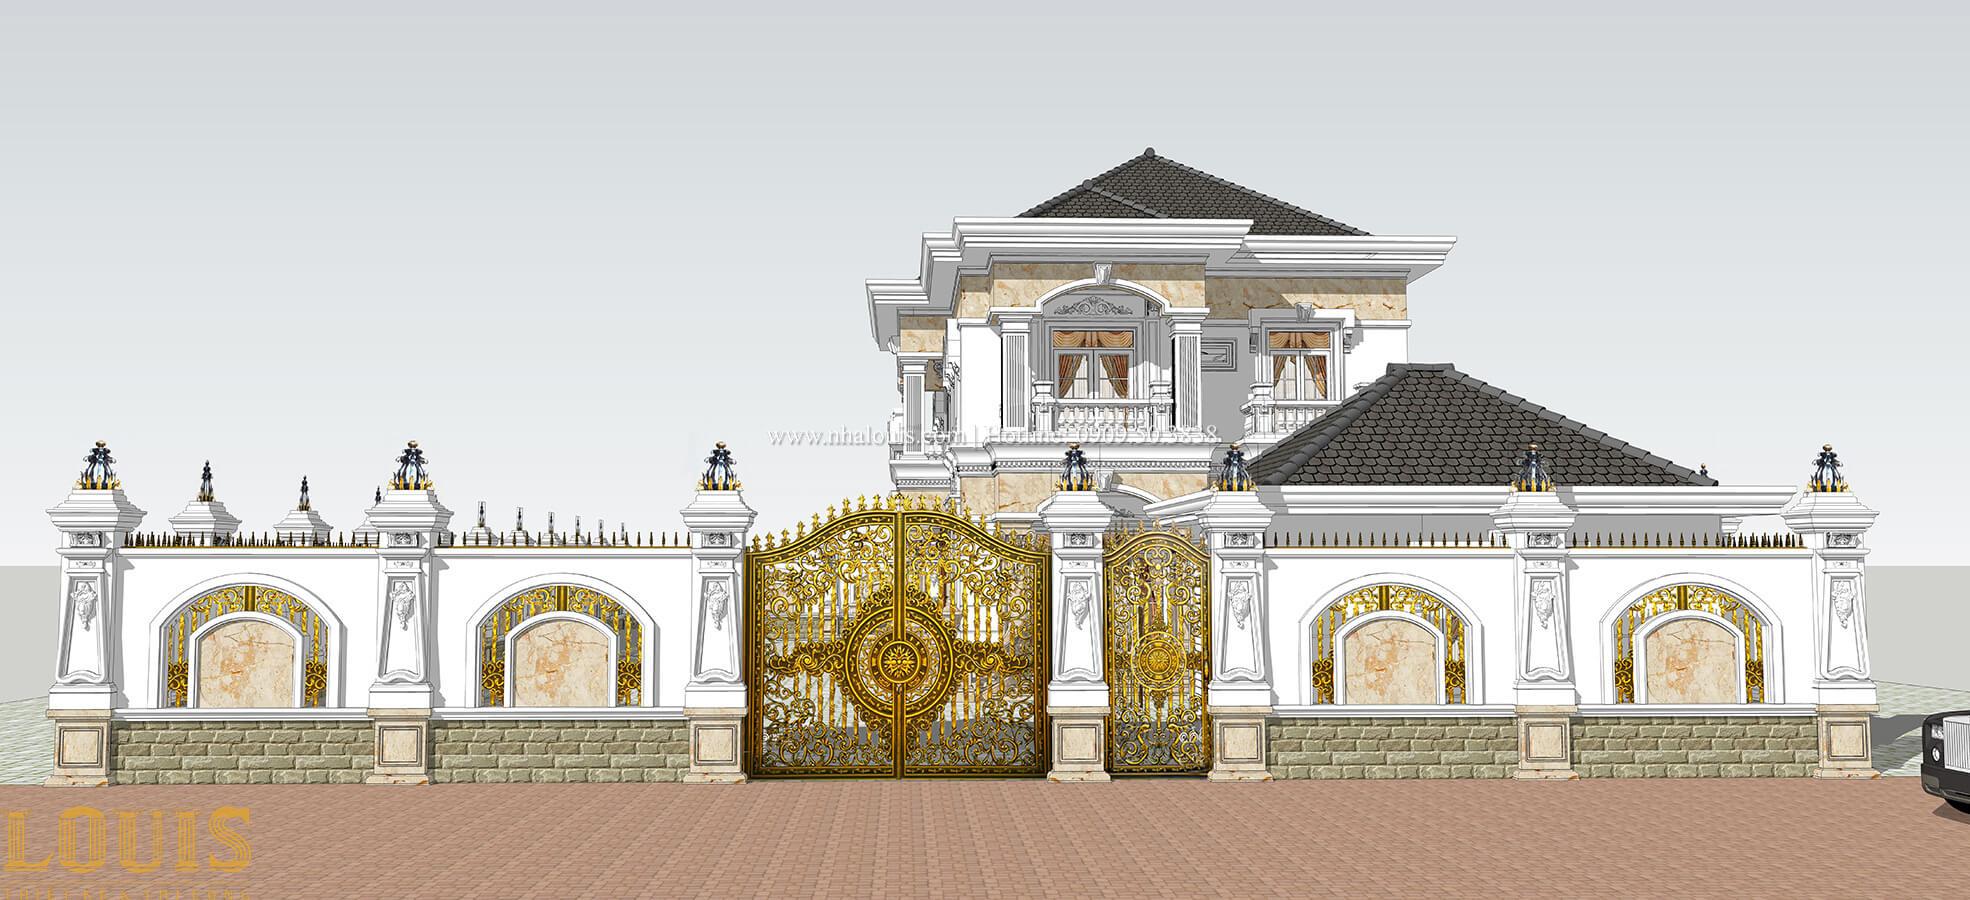 Thiết kế cổng ngoài Biệt thự 2 tầng cổ điển lộng lẫy và sang trọng tại Hóc Môn - 08